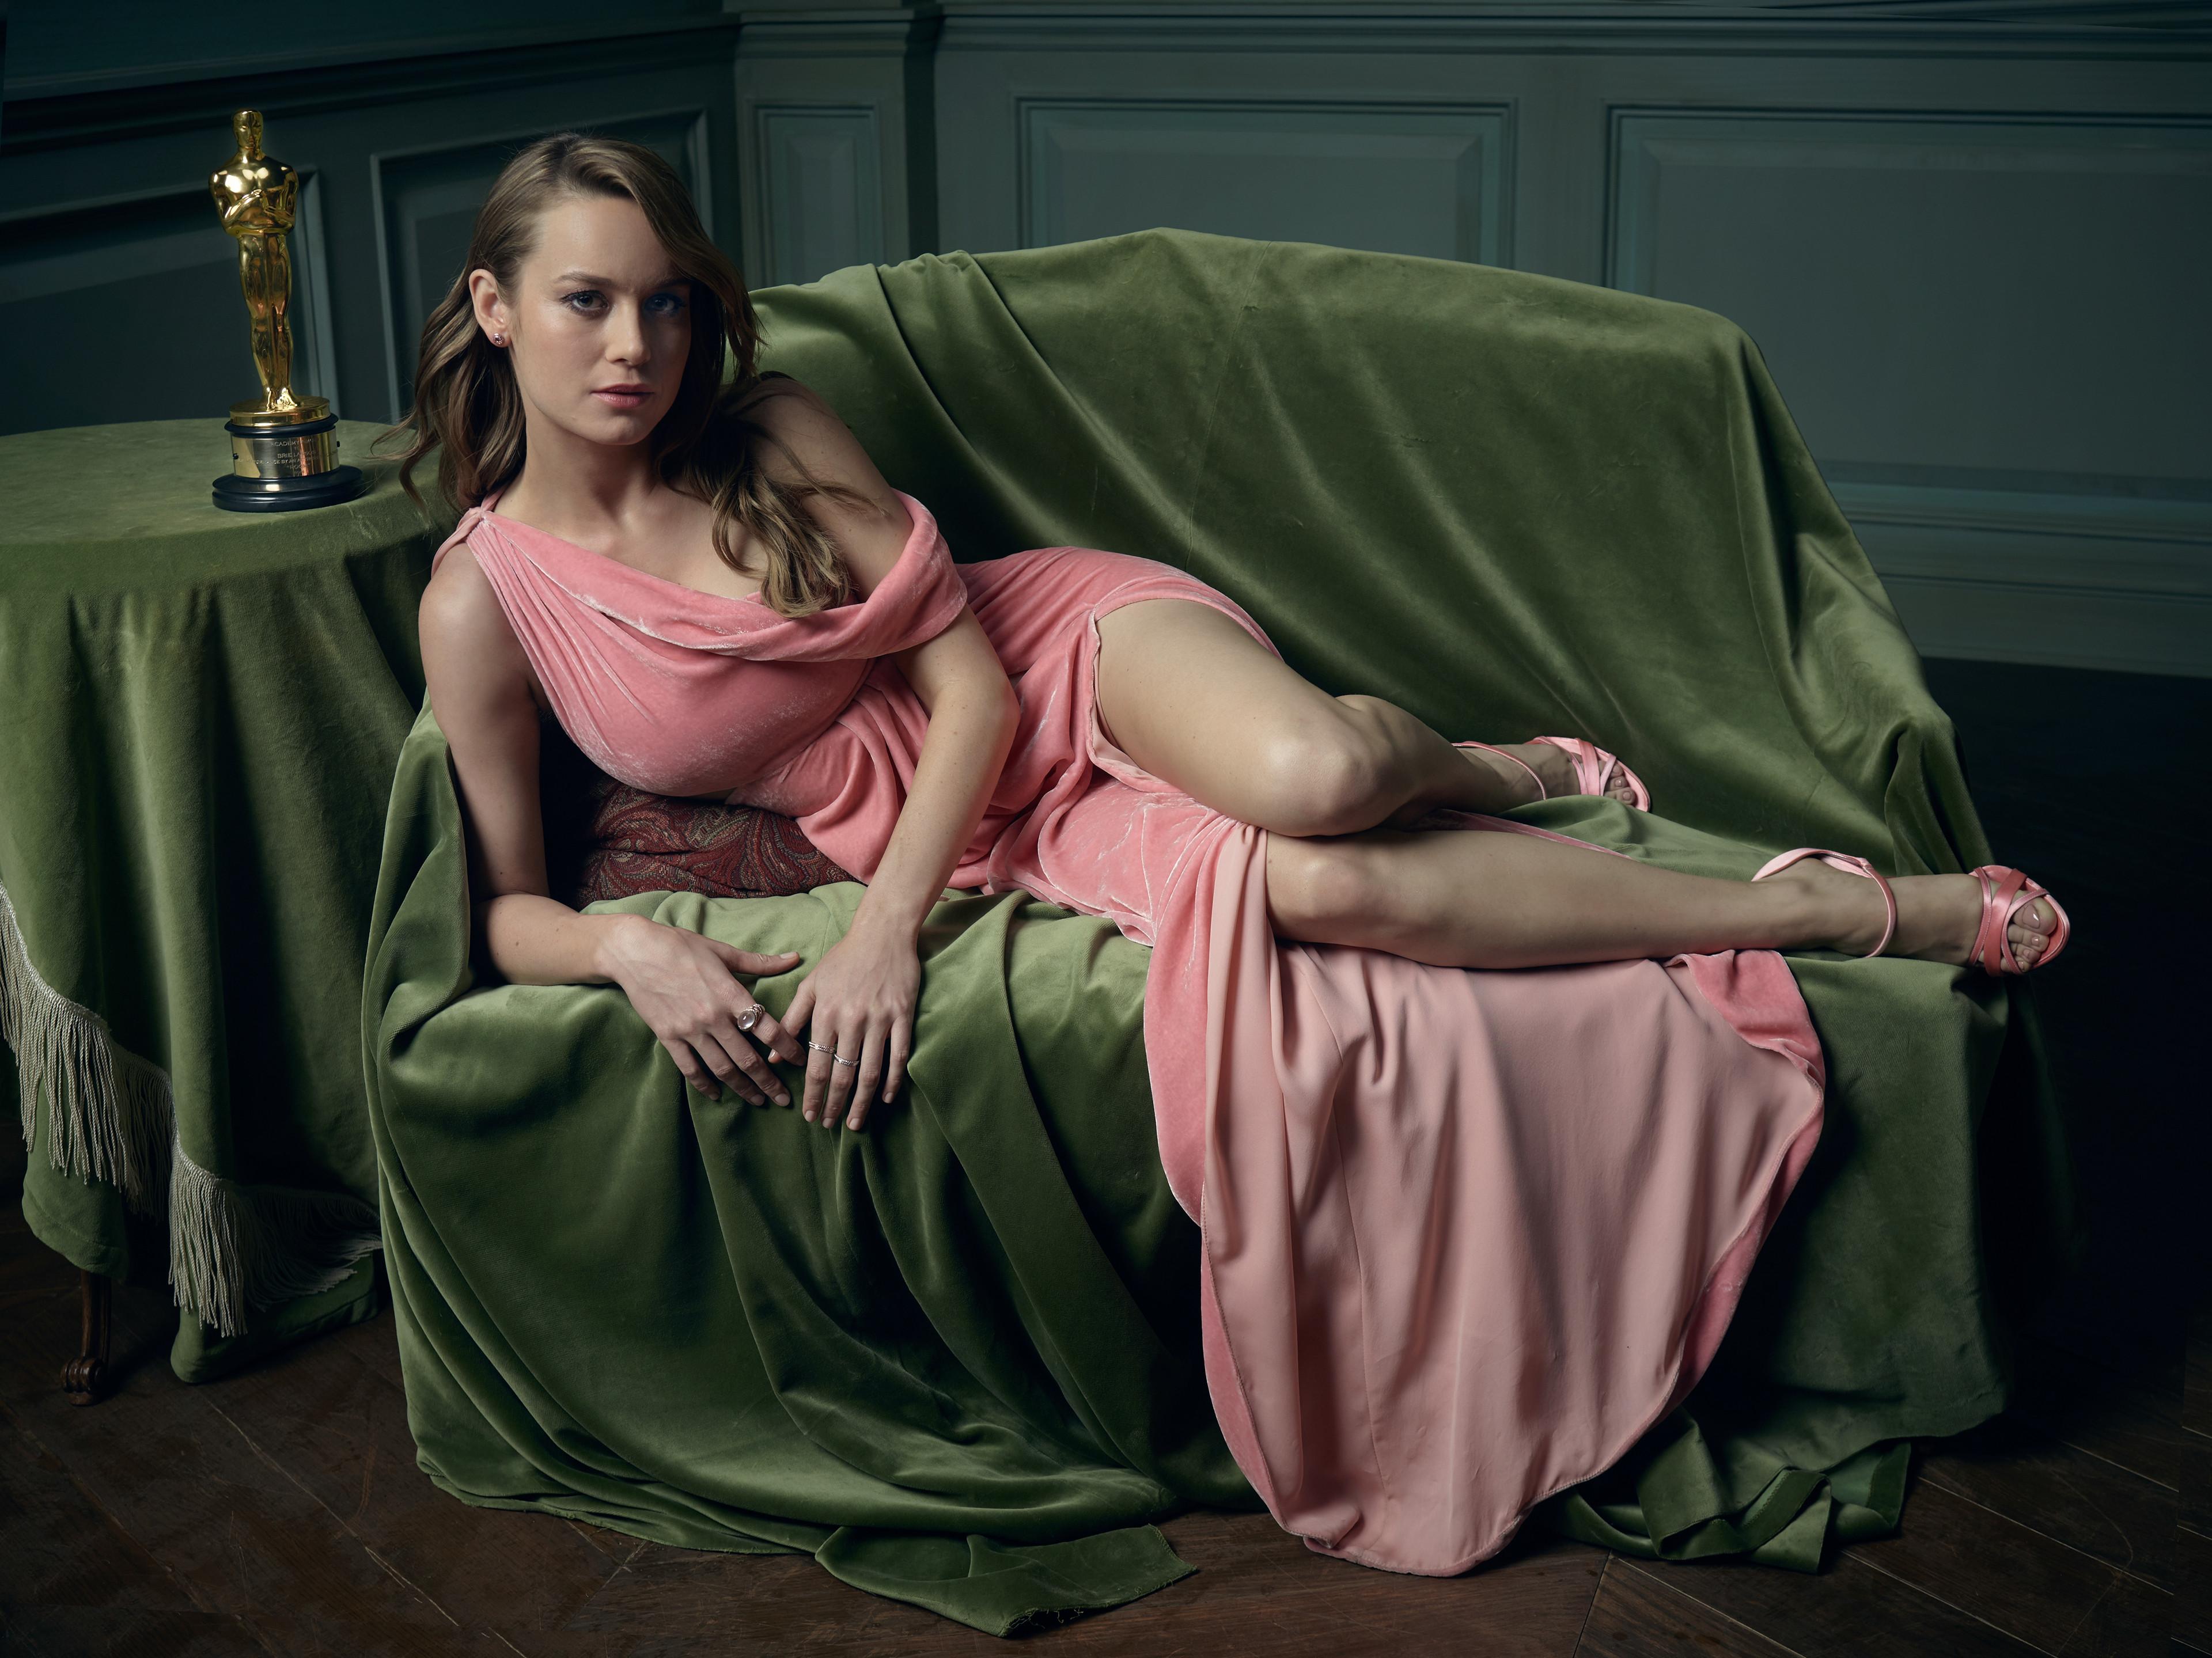 Brie Larson fotos calientes